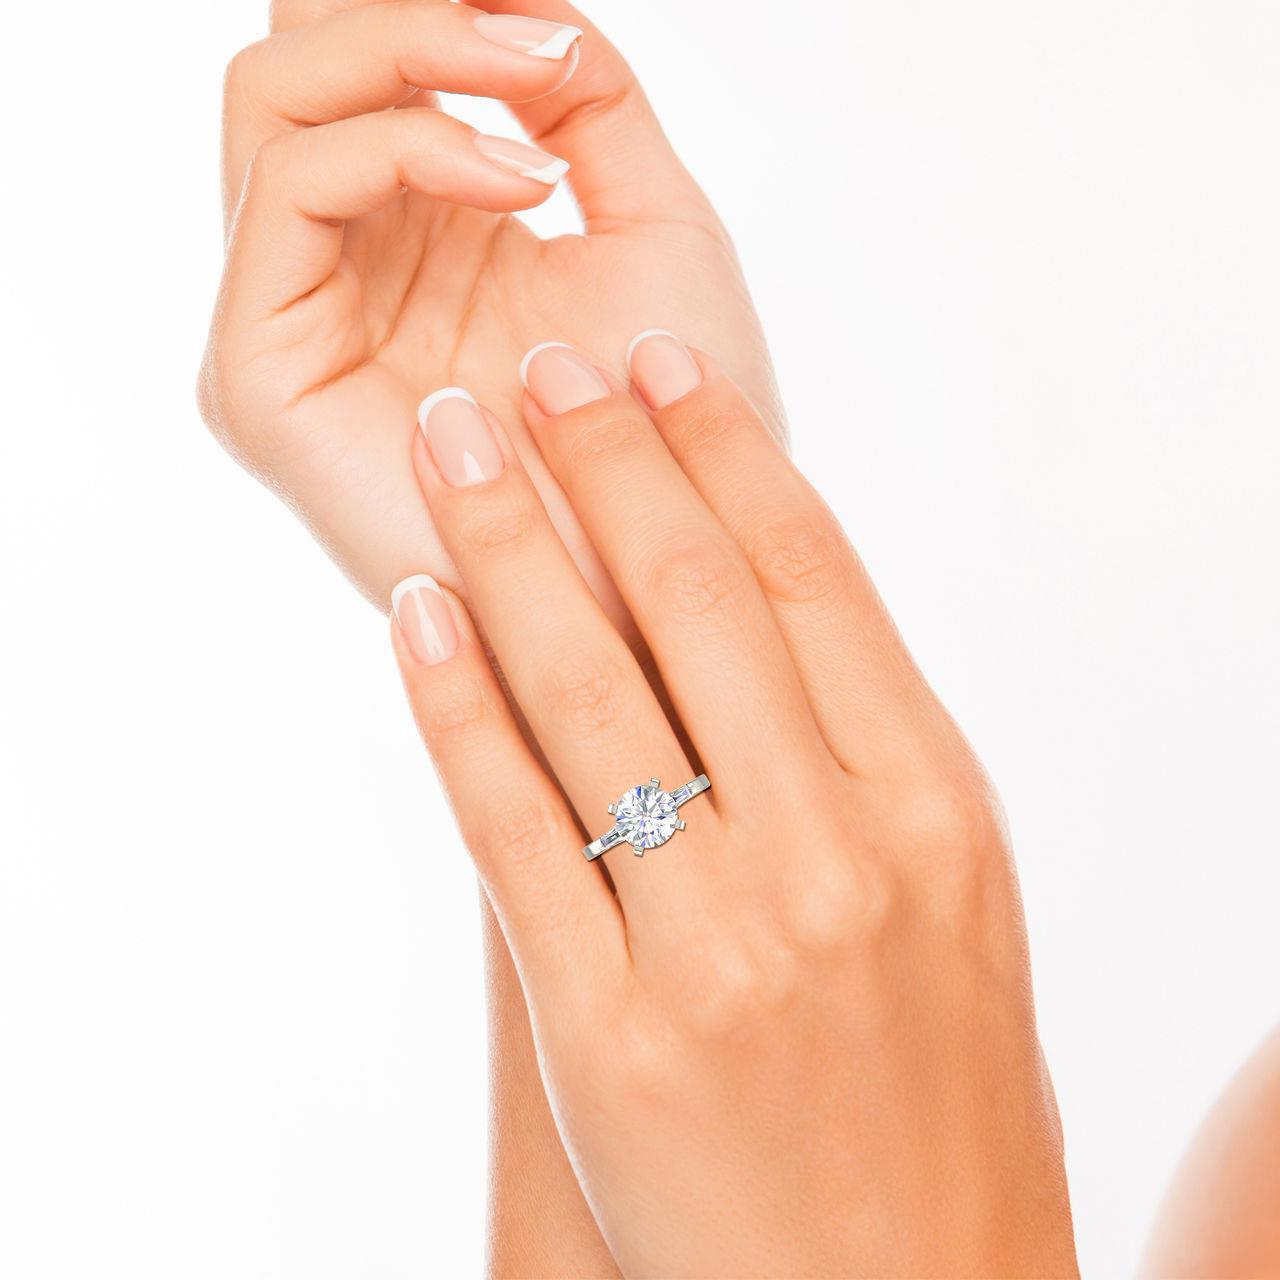 Baguette Accents 0.8 Carat Round Cut Diamond Engagement Ring